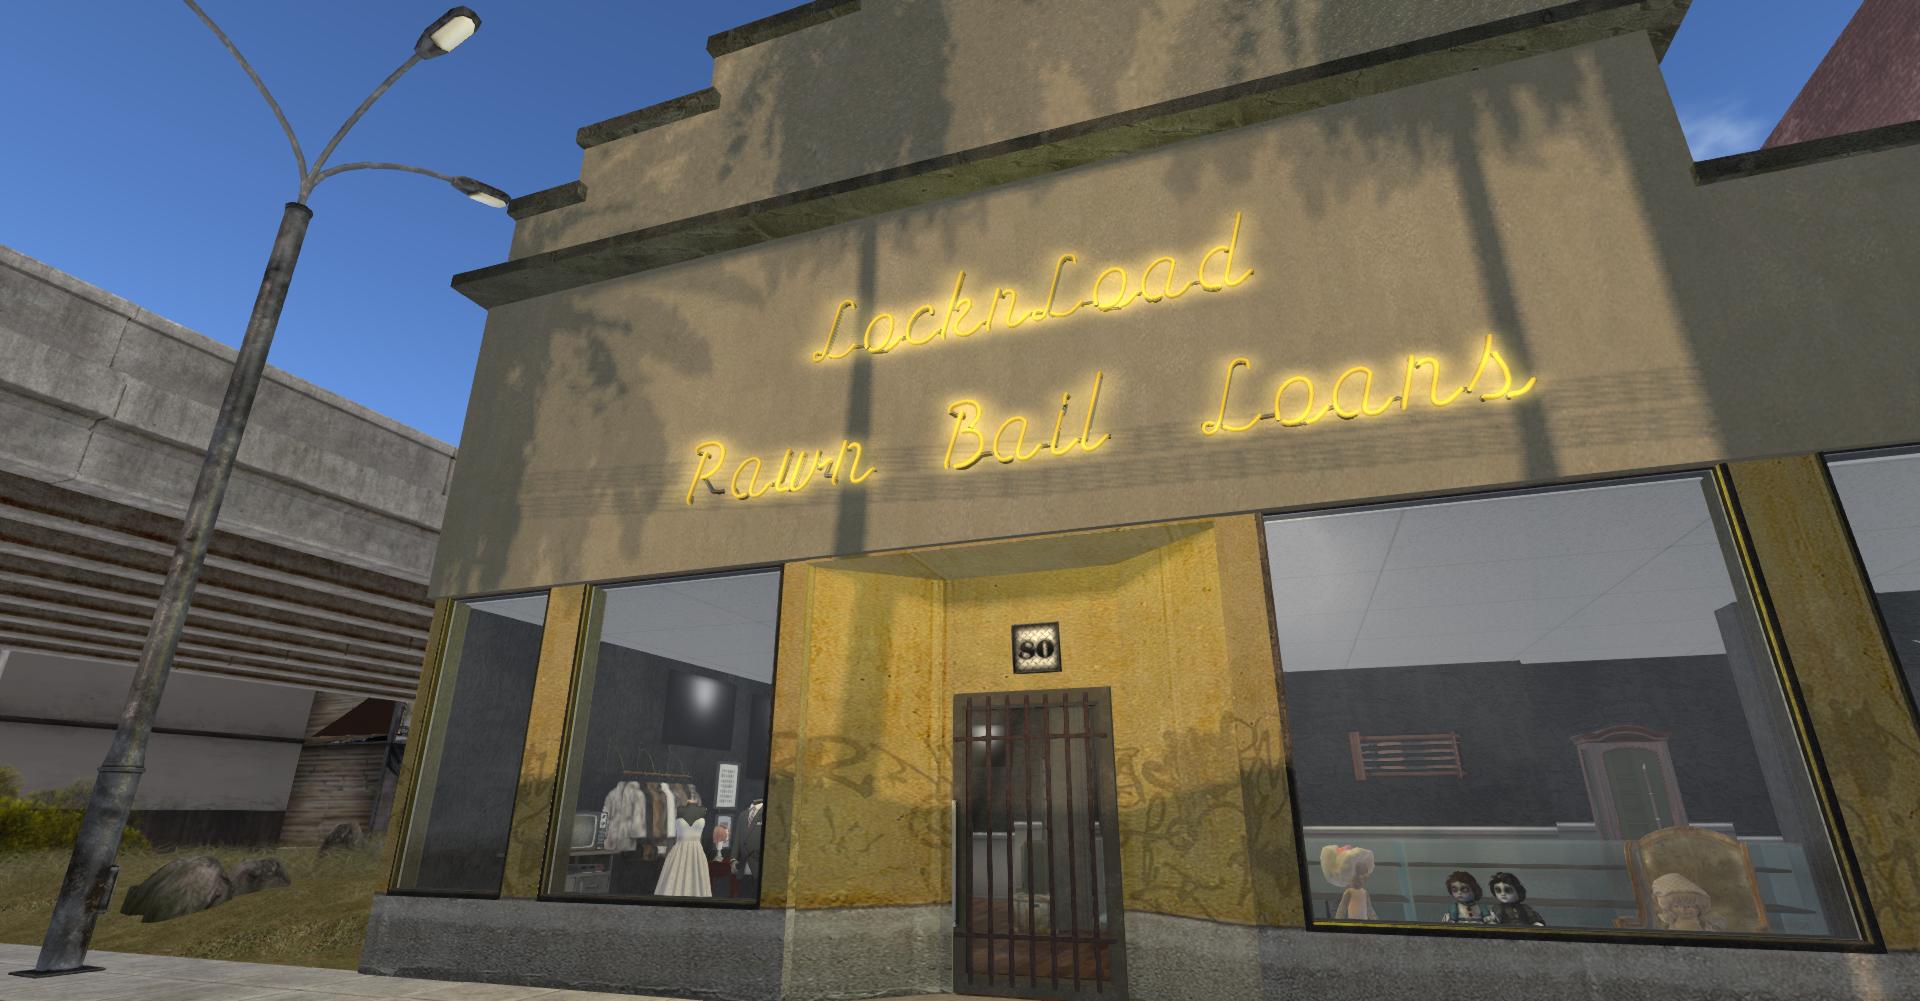 Lock n Load Pawn Bail & Guns